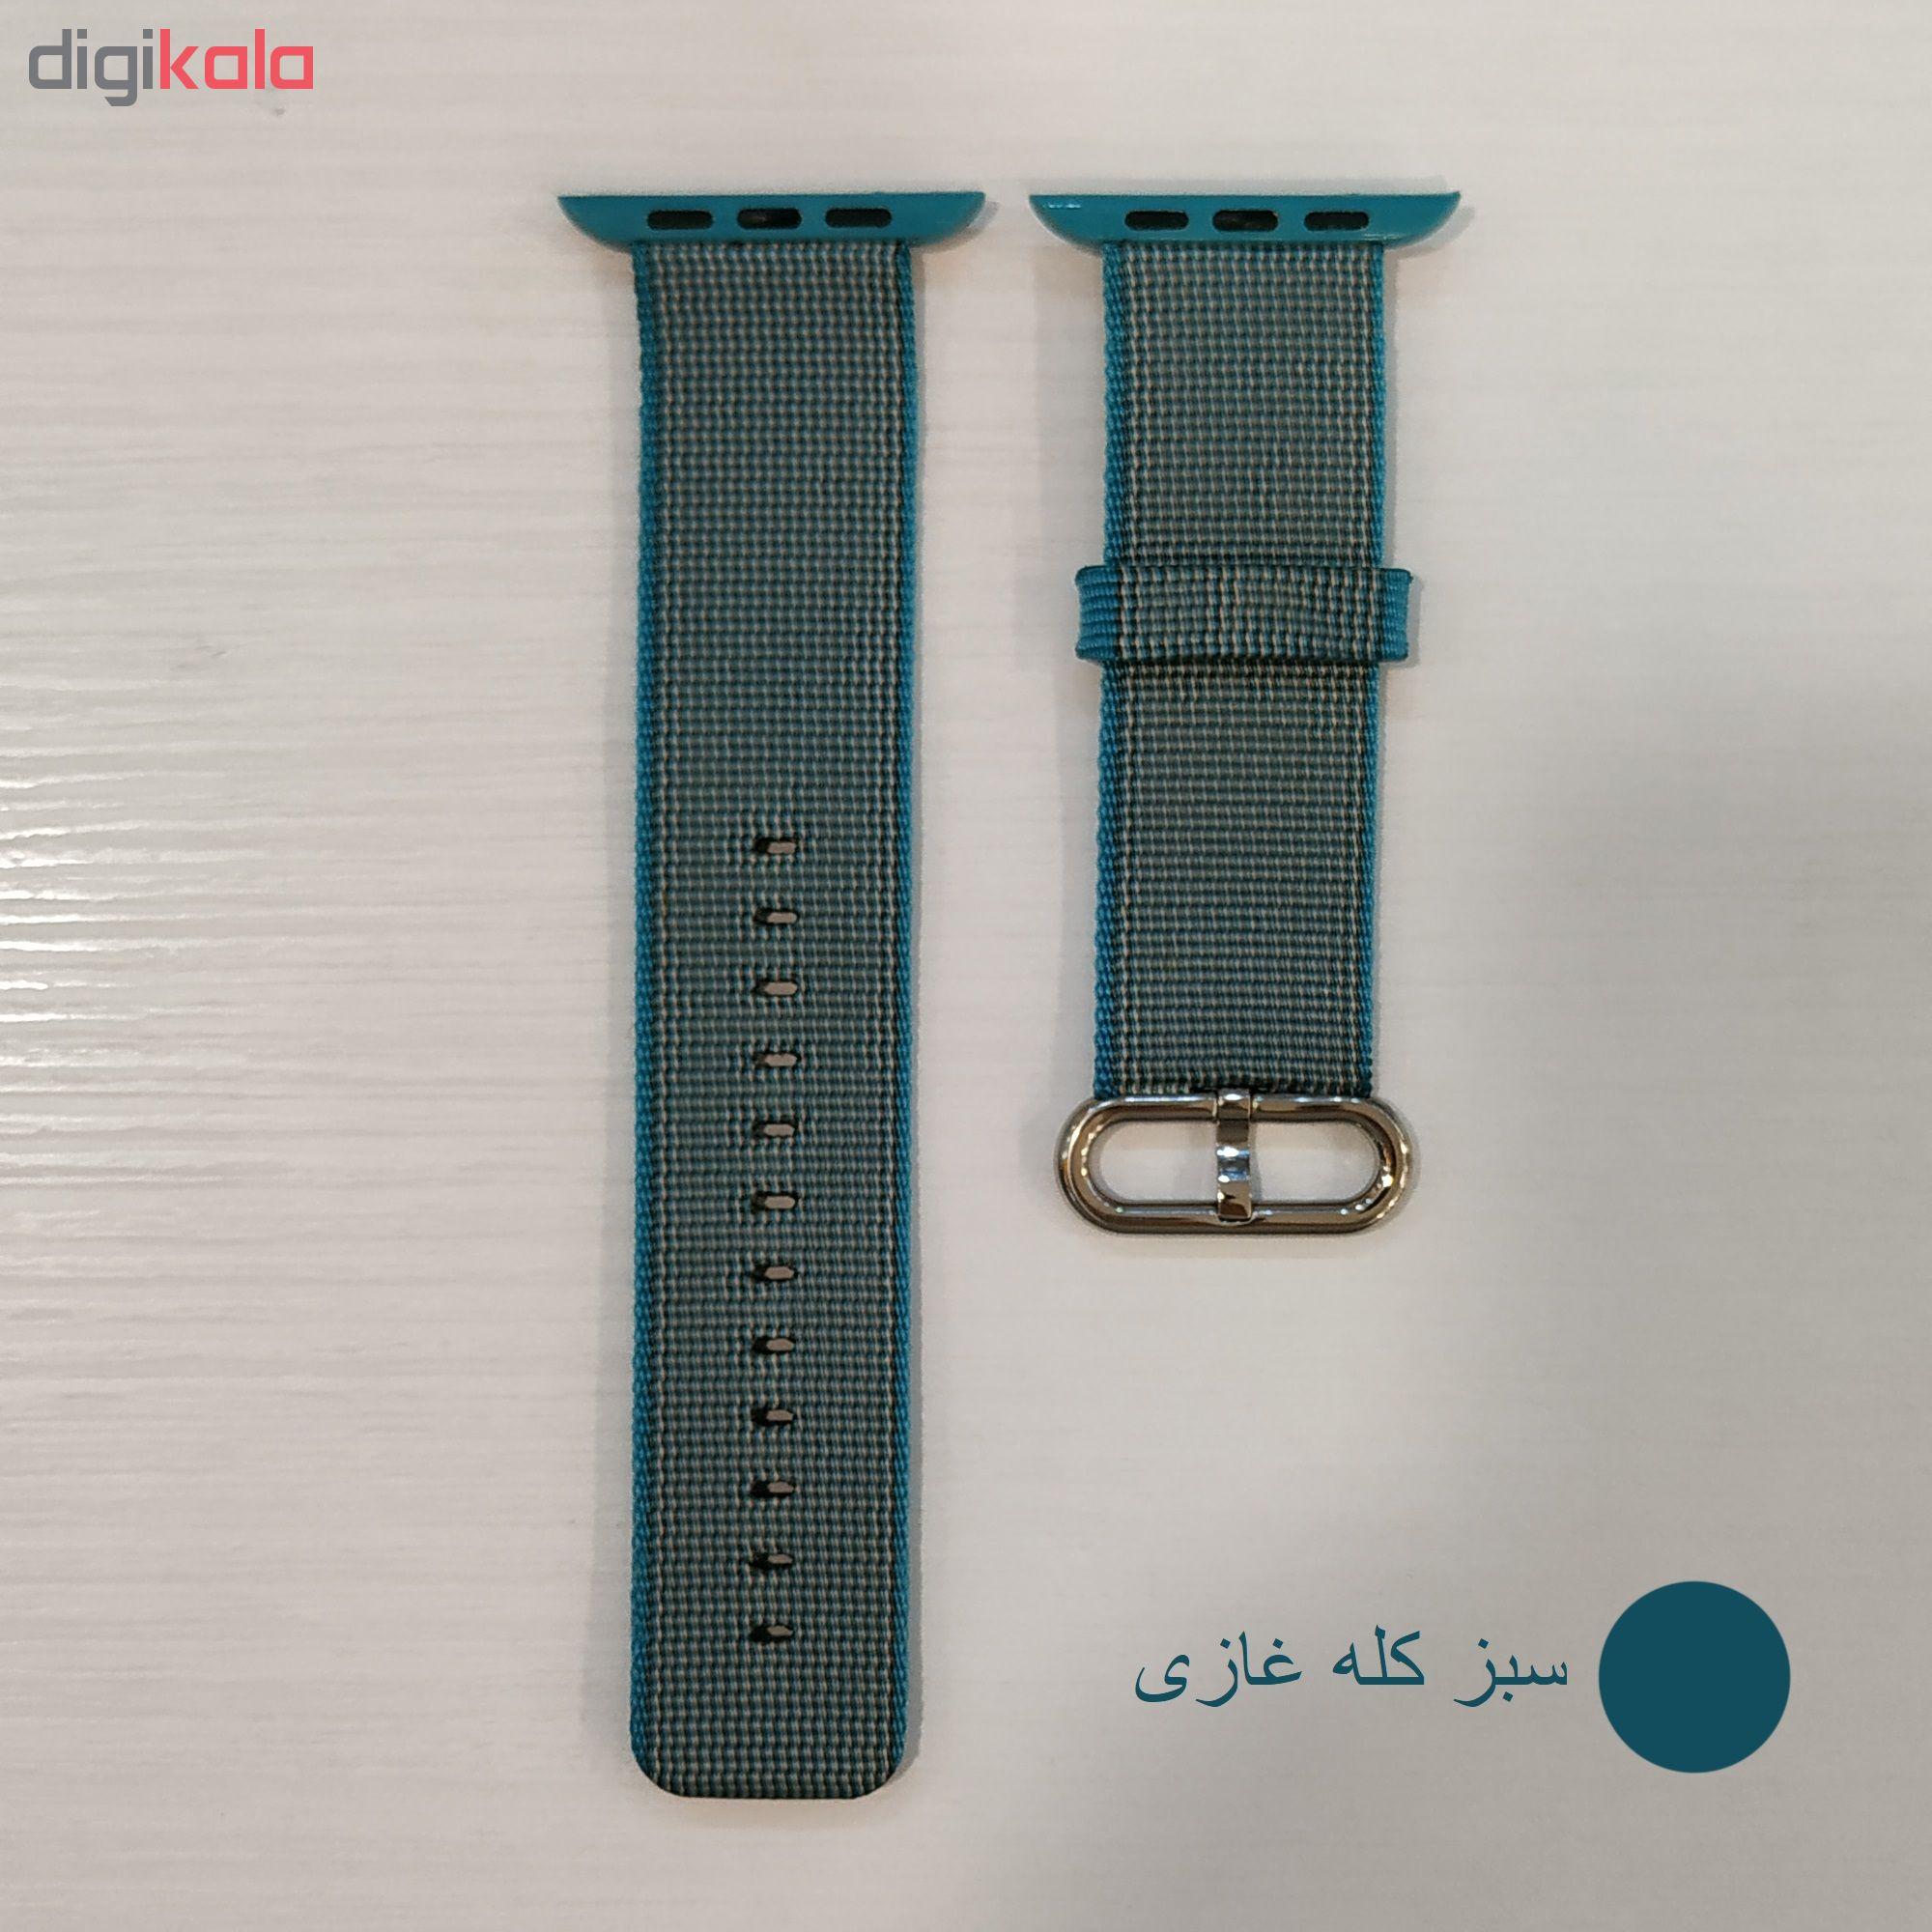 بند مدل Nylon مناسب برای اپل واچ 42 میلی متری main 1 8